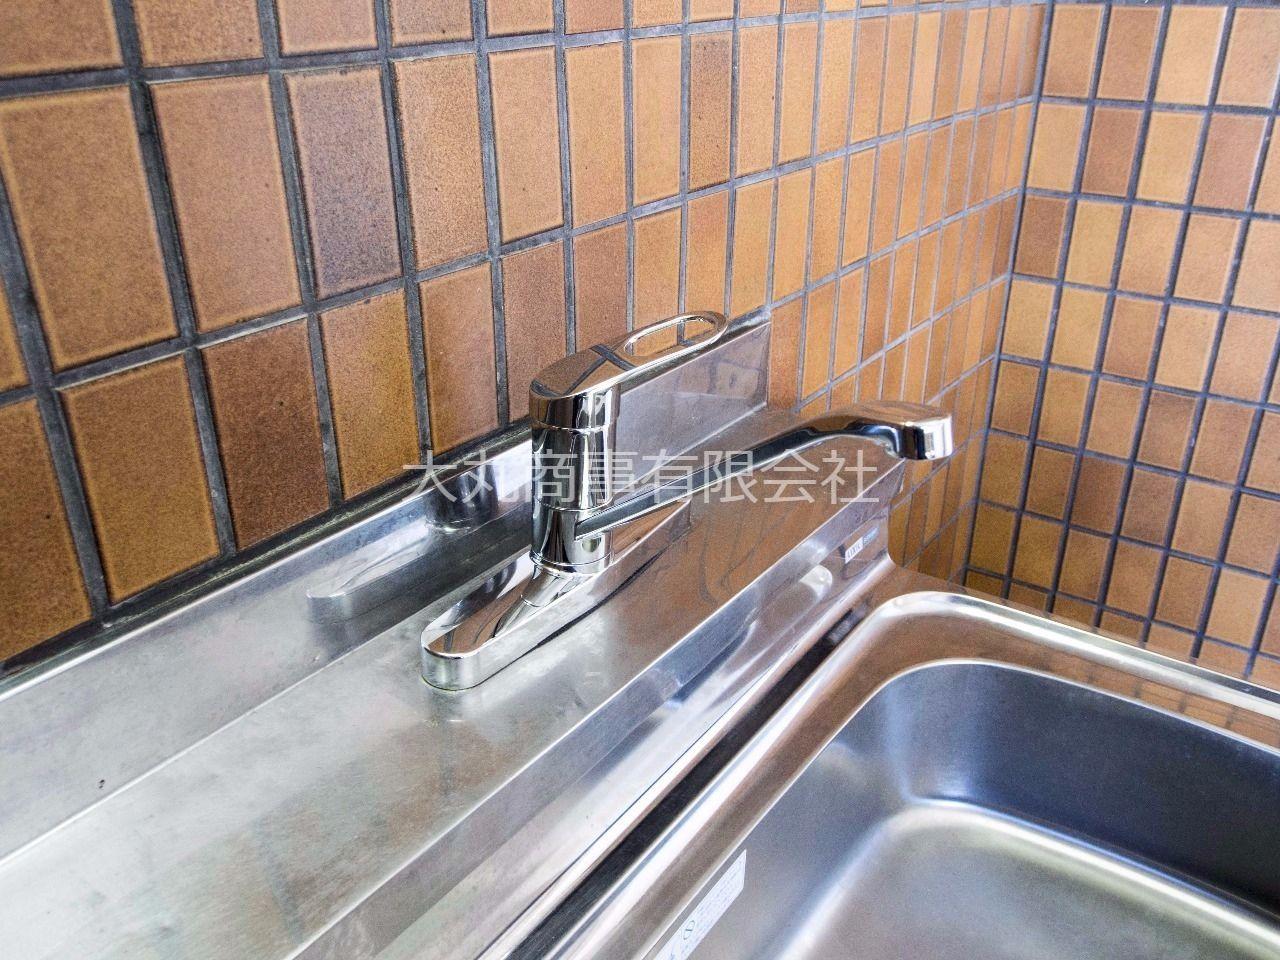 湯水の切替・水量調整などが簡単にできるワンレバー式水栓